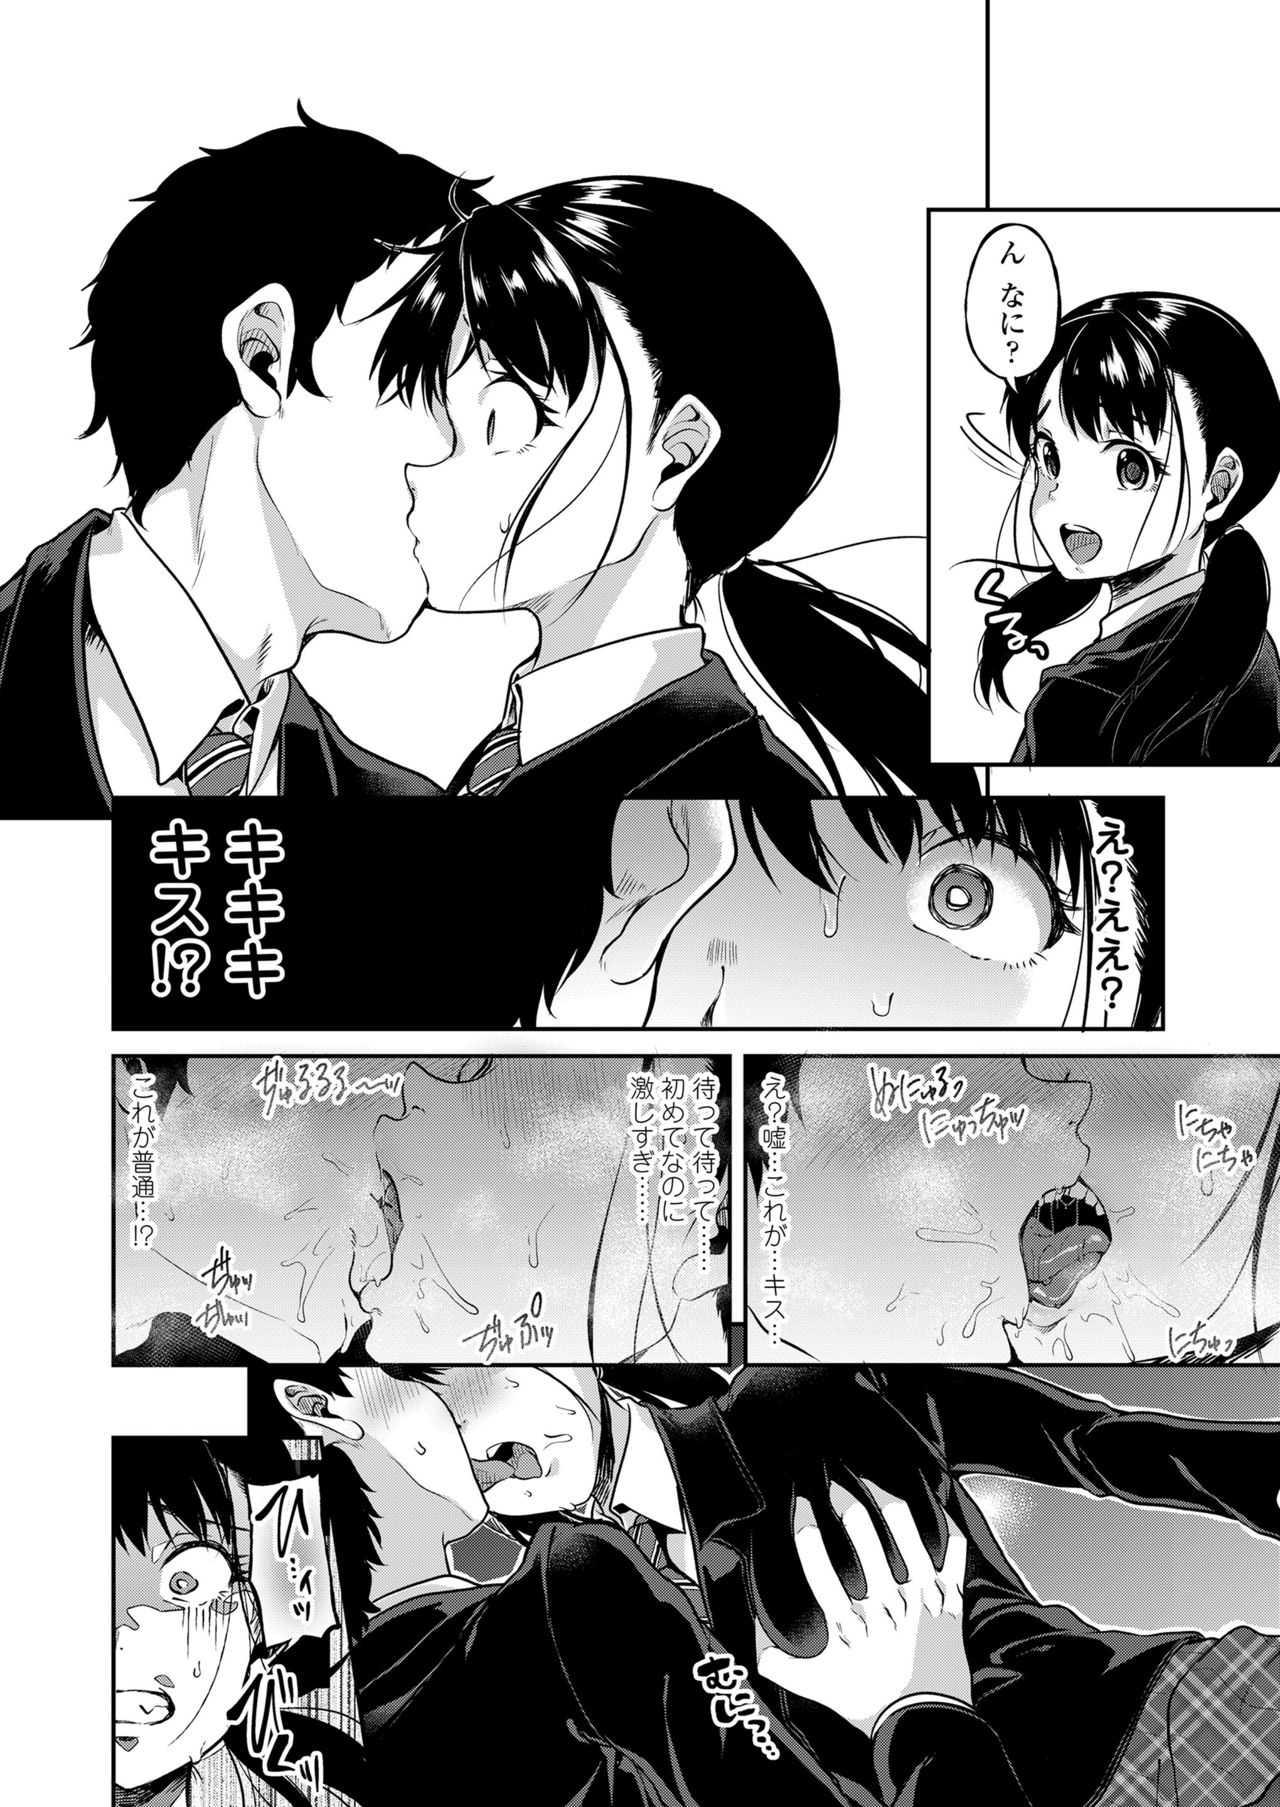 【エロ漫画】付き合って初めての自宅デートに緊張するJK…セックスの知識が偏り過ぎている彼氏に凌辱レイプされるwww【仙道八:初めてのふたり】